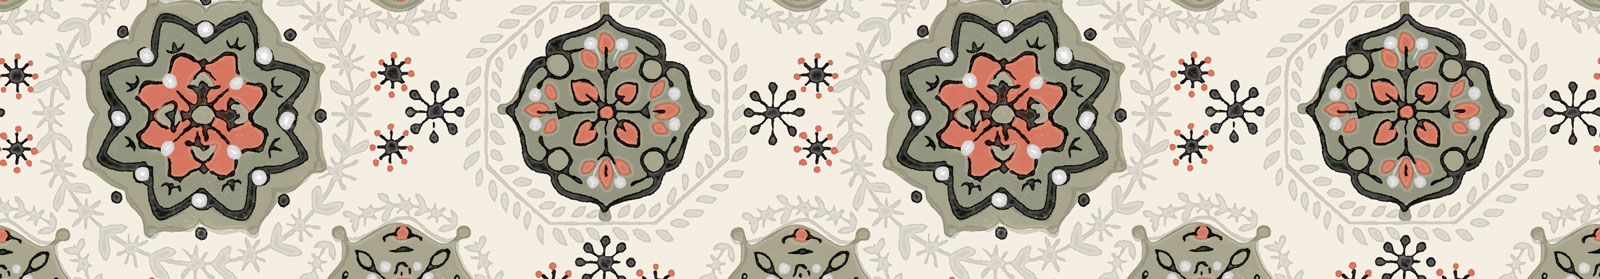 wallpaper_header1.jpg